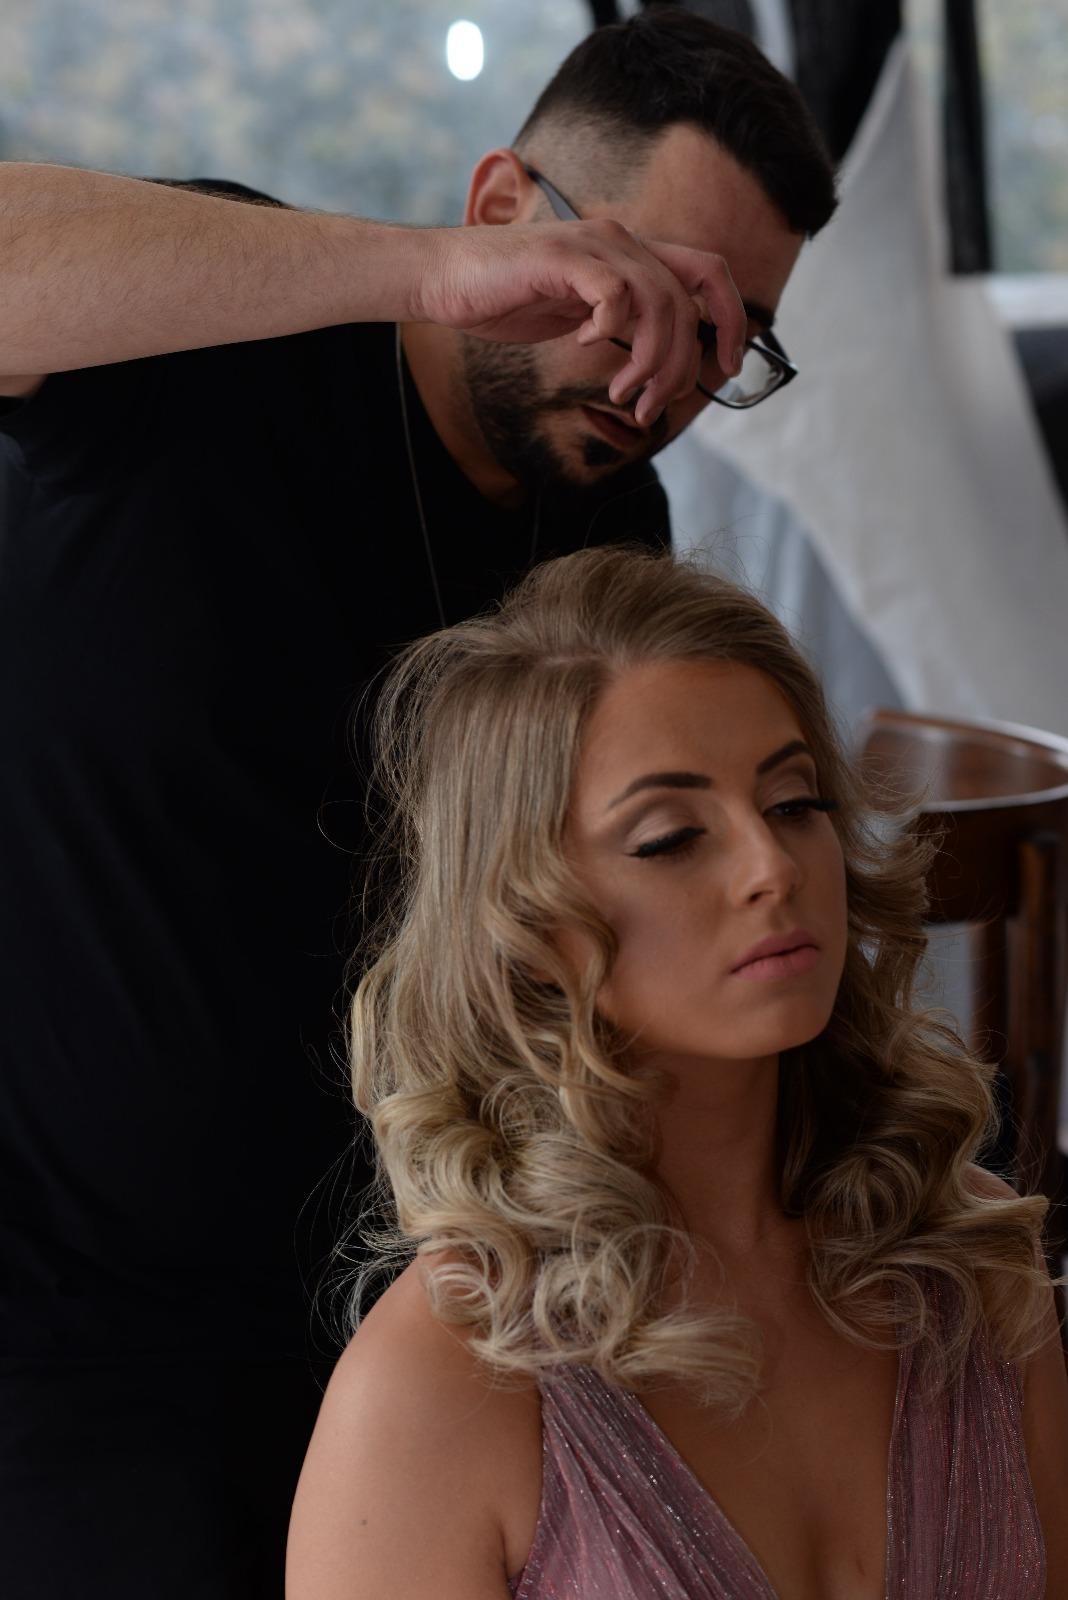 עיצוב שיער מקצועי שימי מנטל מספרה בקצרין